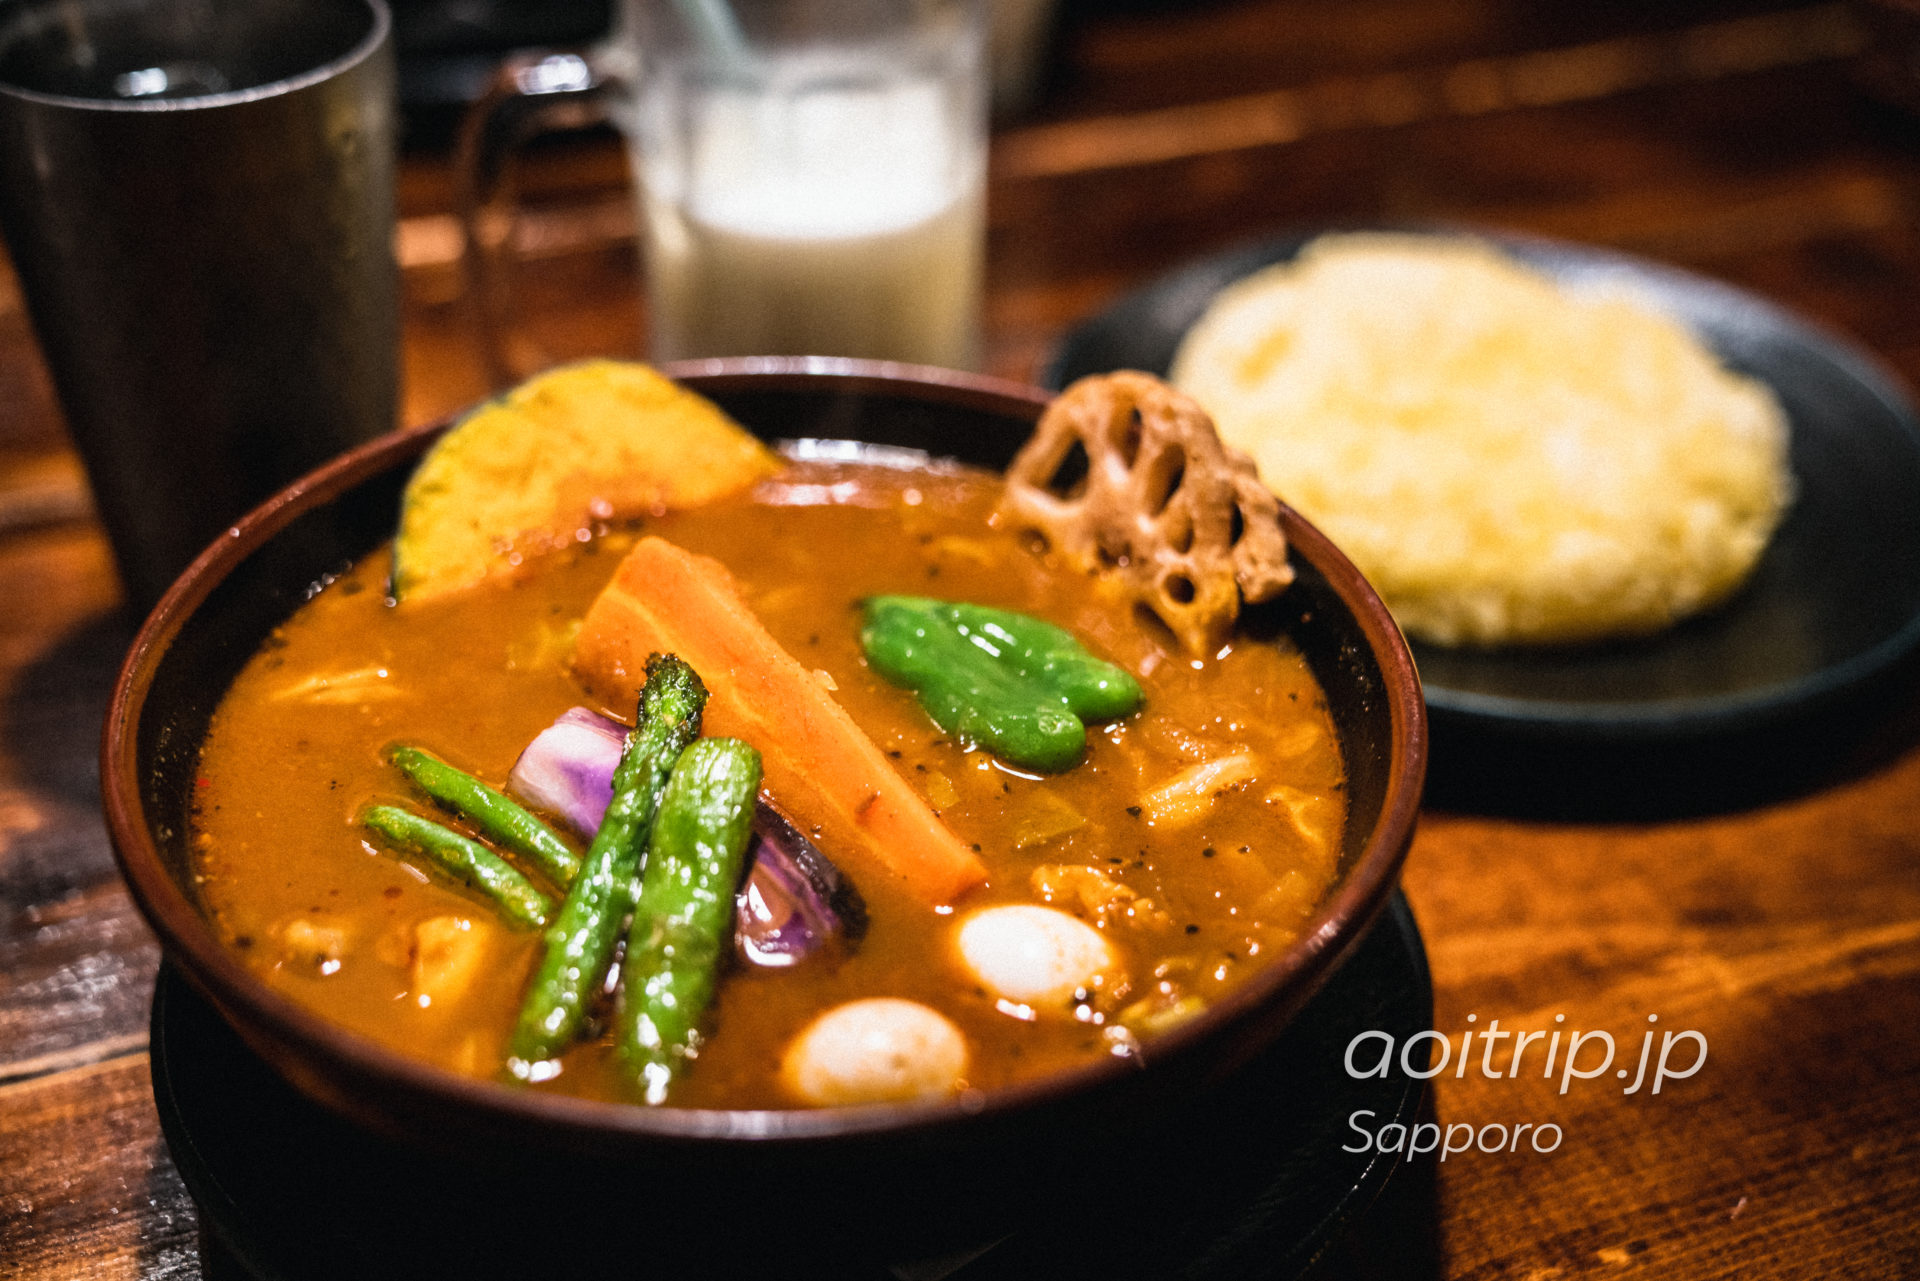 札幌の南4条西10丁目にあるスープカレーの人気店「ラマイ(RAMAI)」具沢山のチキンスープカレー